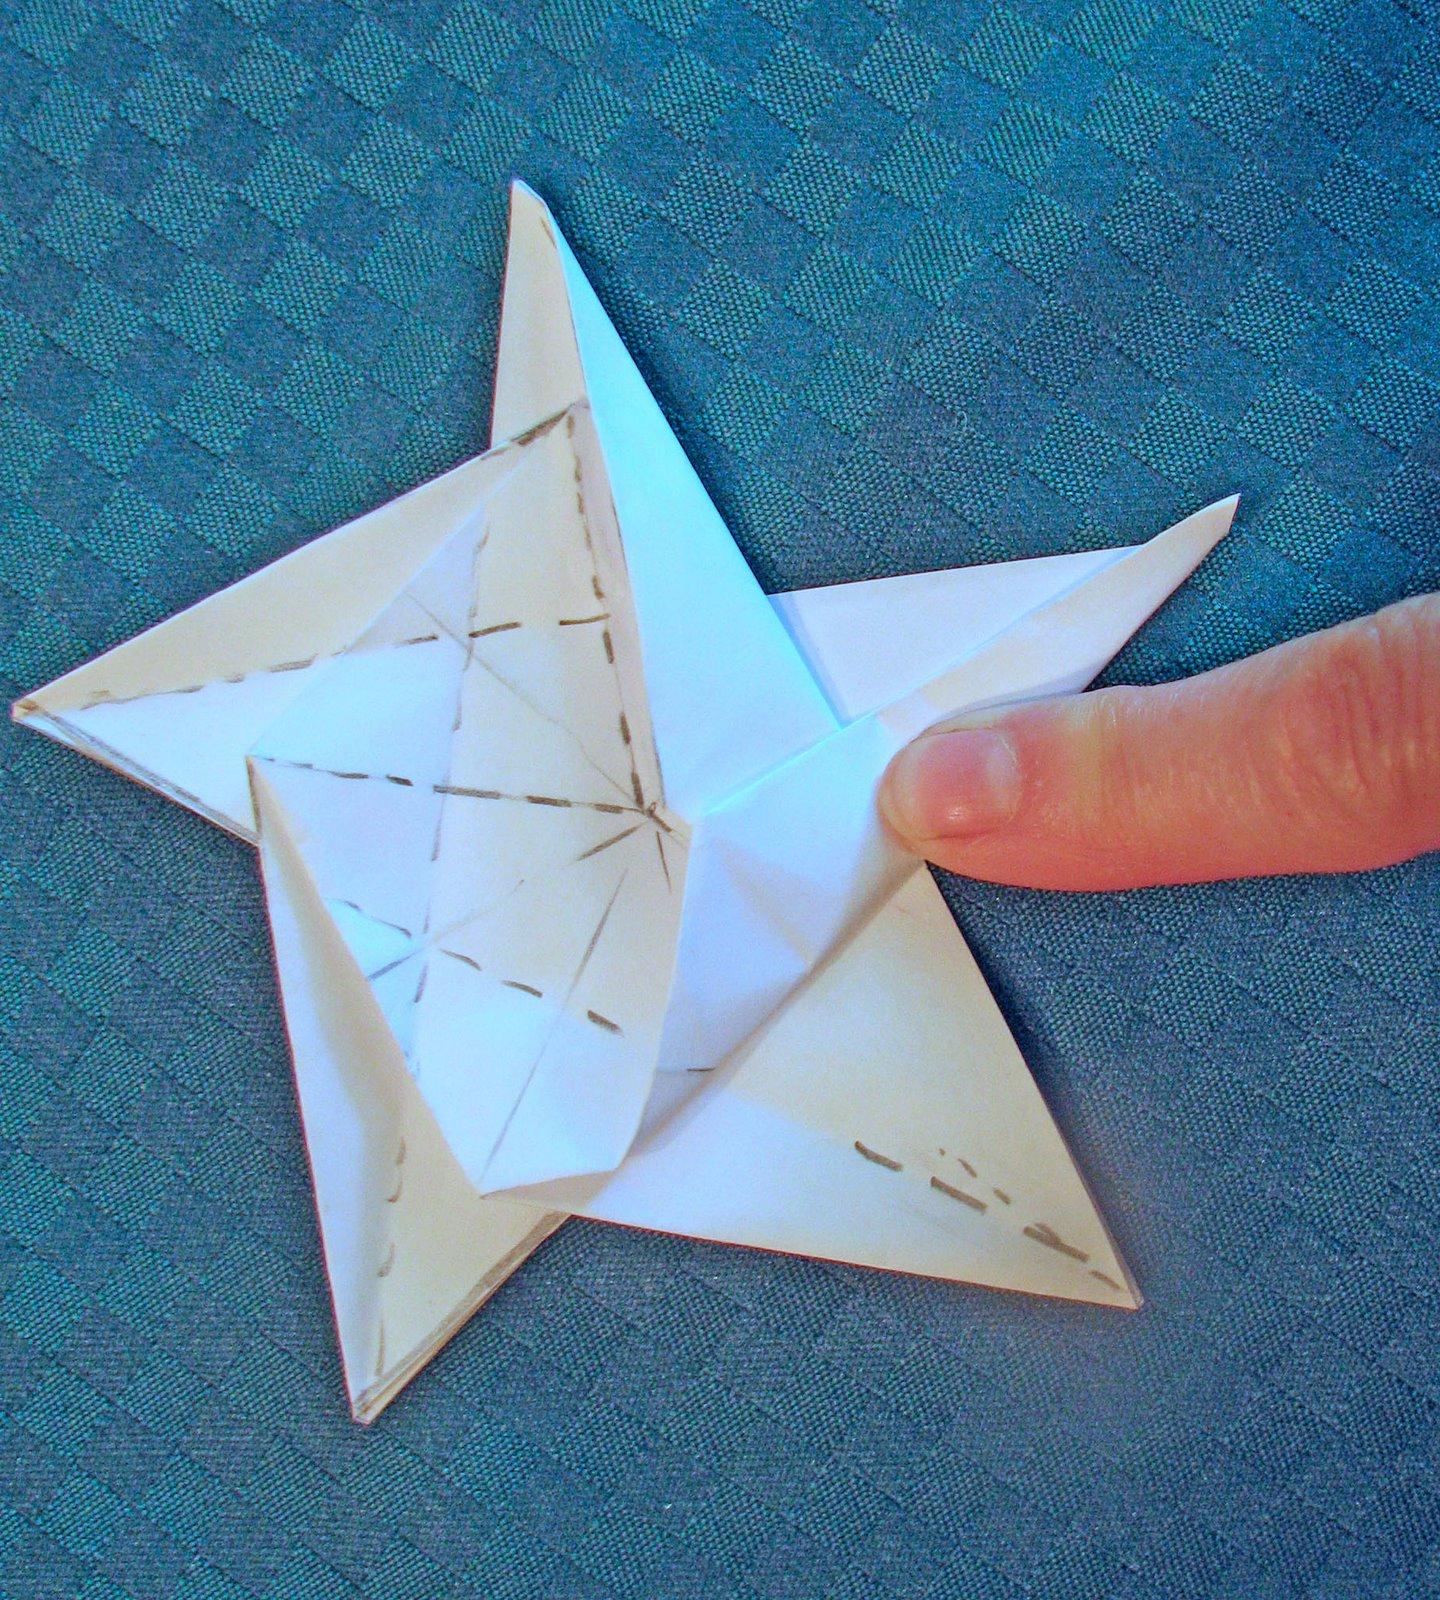 Поделки к 23 февраля своими руками: звезда-оригами